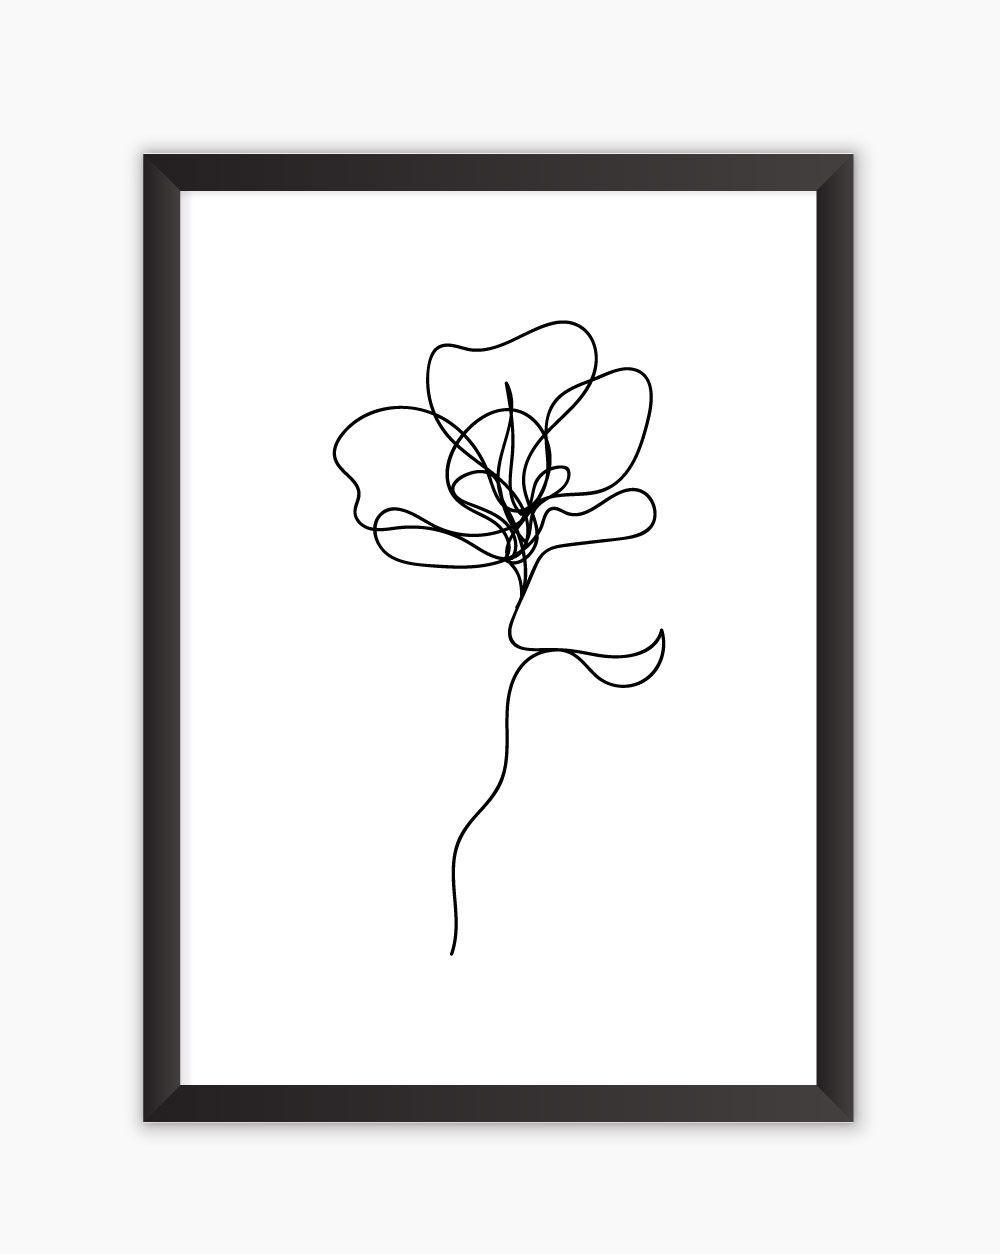 Quadro Flower Oneline